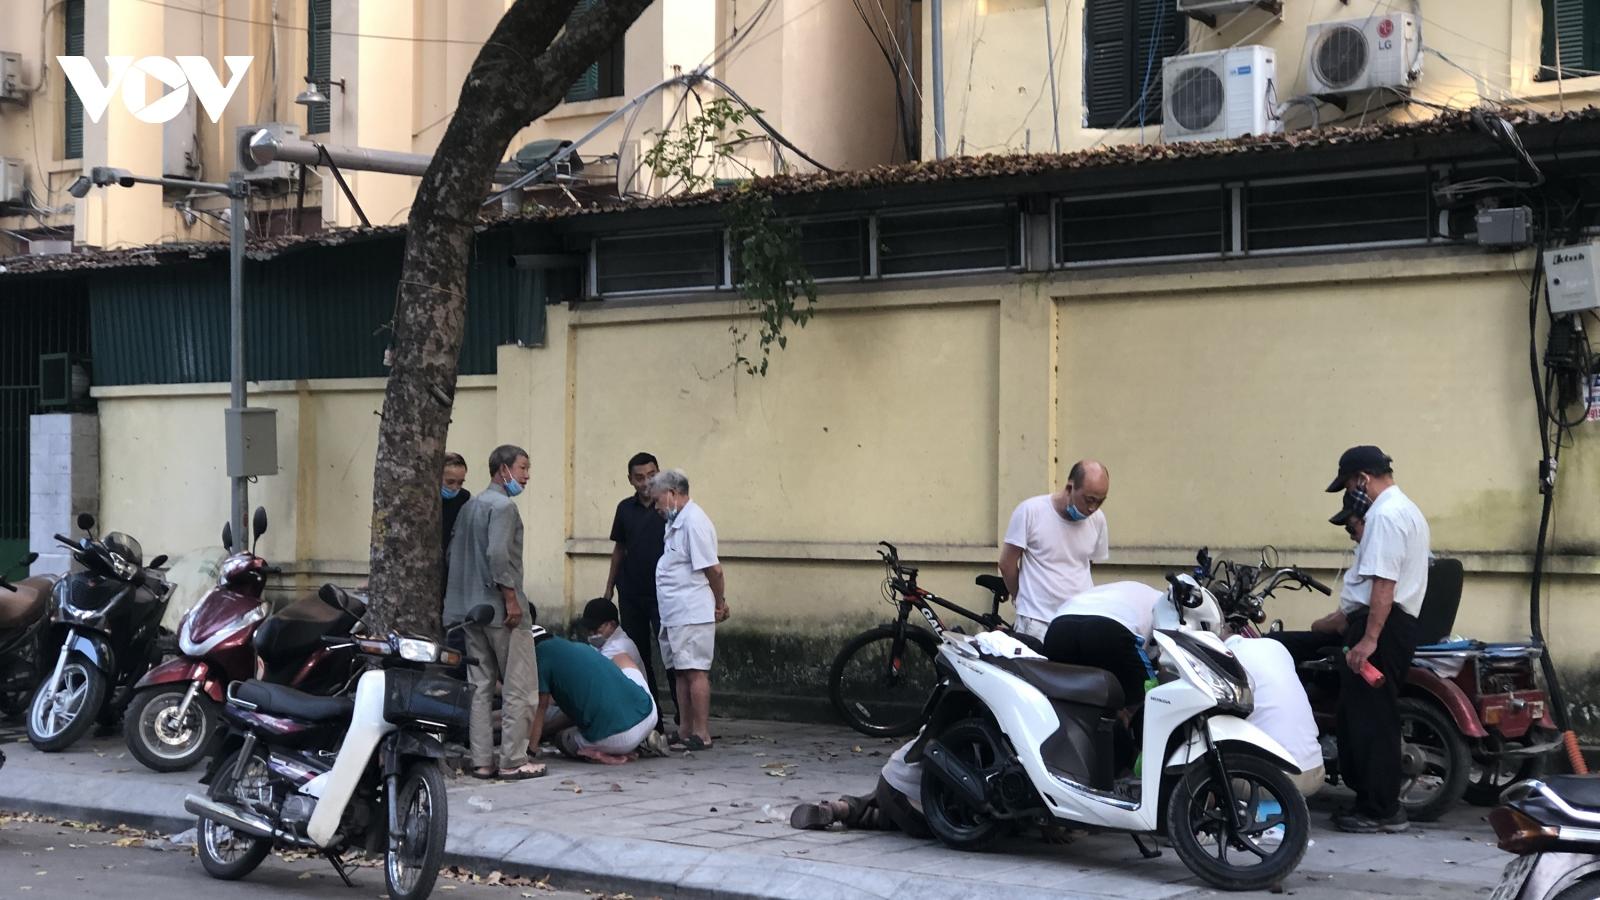 Người Hà Nội lại tập trung đông nơi công cộng, không đeo khẩu trang, lơ là chống dịch